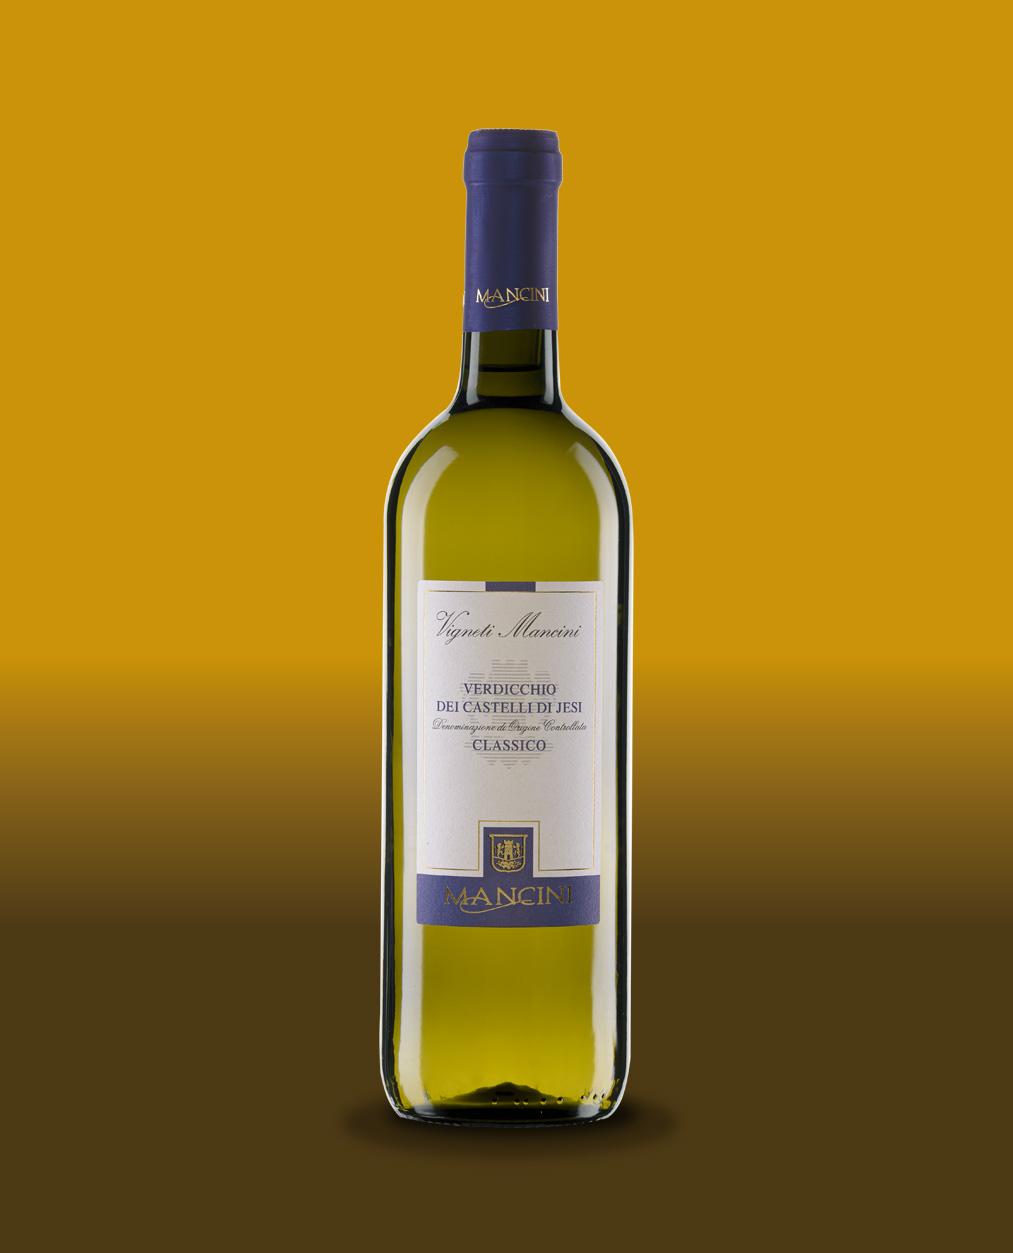 Verdicchio - Mancini Vini - Moie di Maiolati (An)